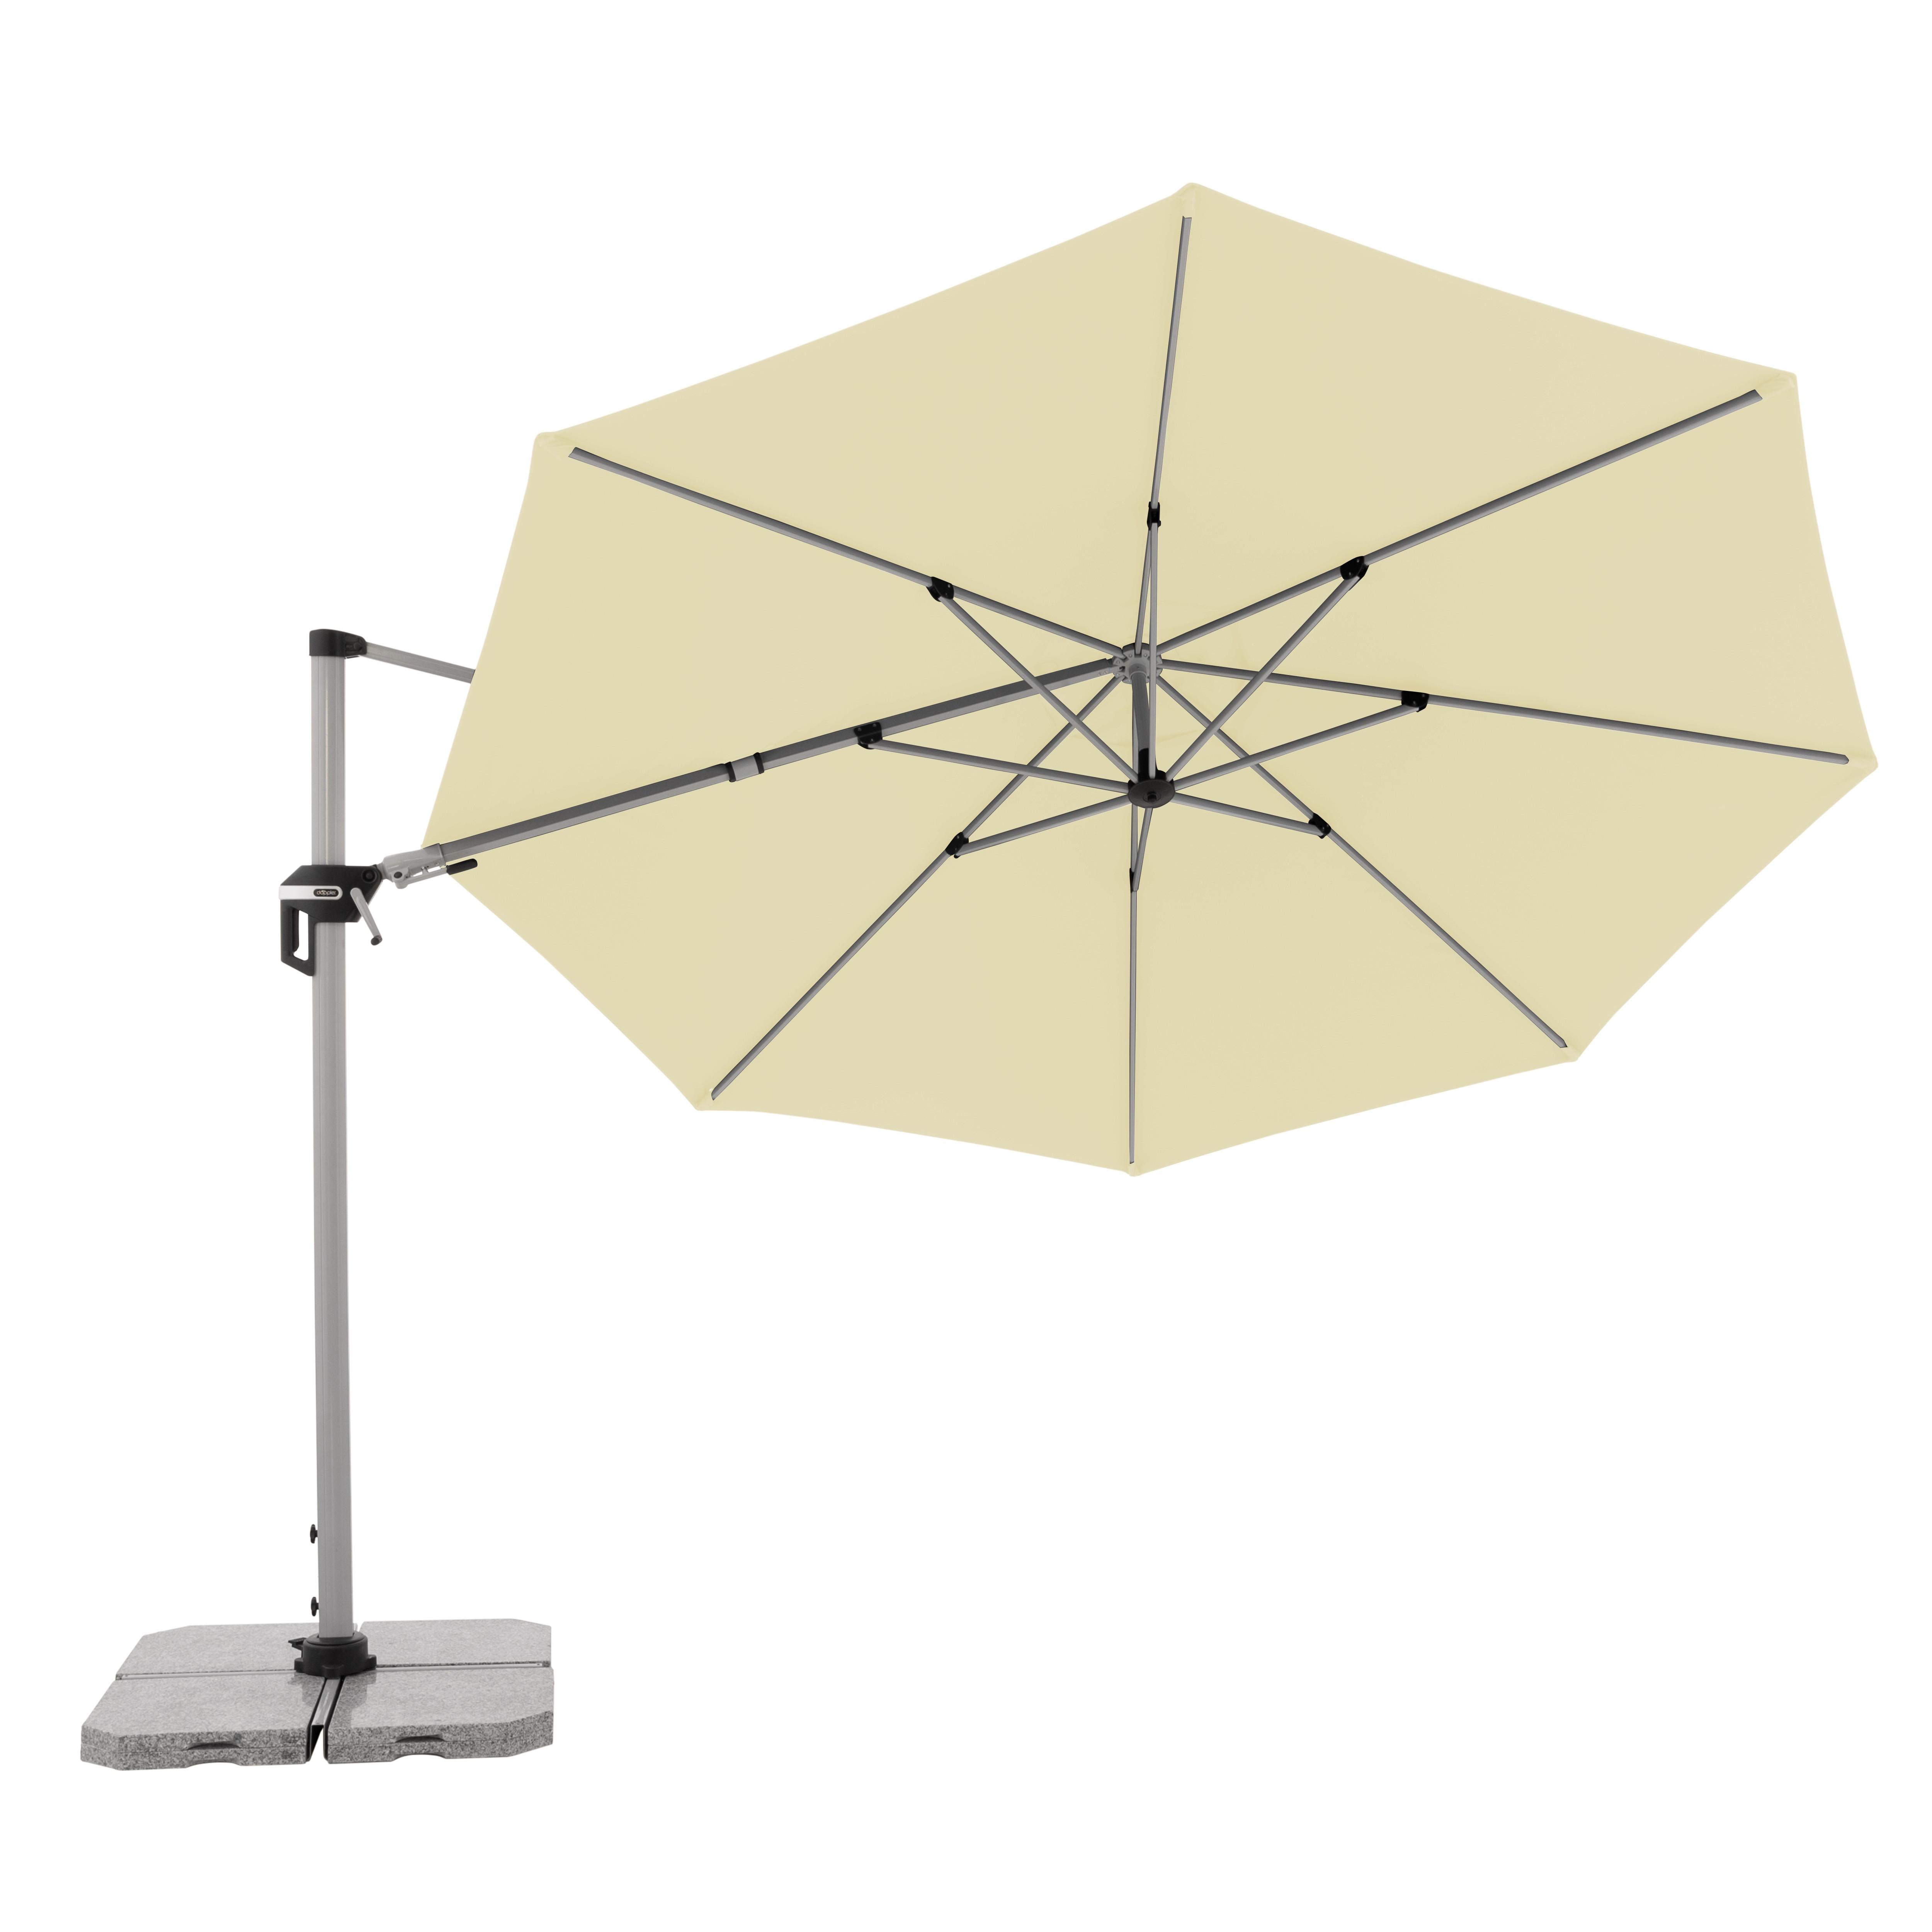 ACTIVE 370 cm - výkyvný zahradní slunečník s boční tyčí